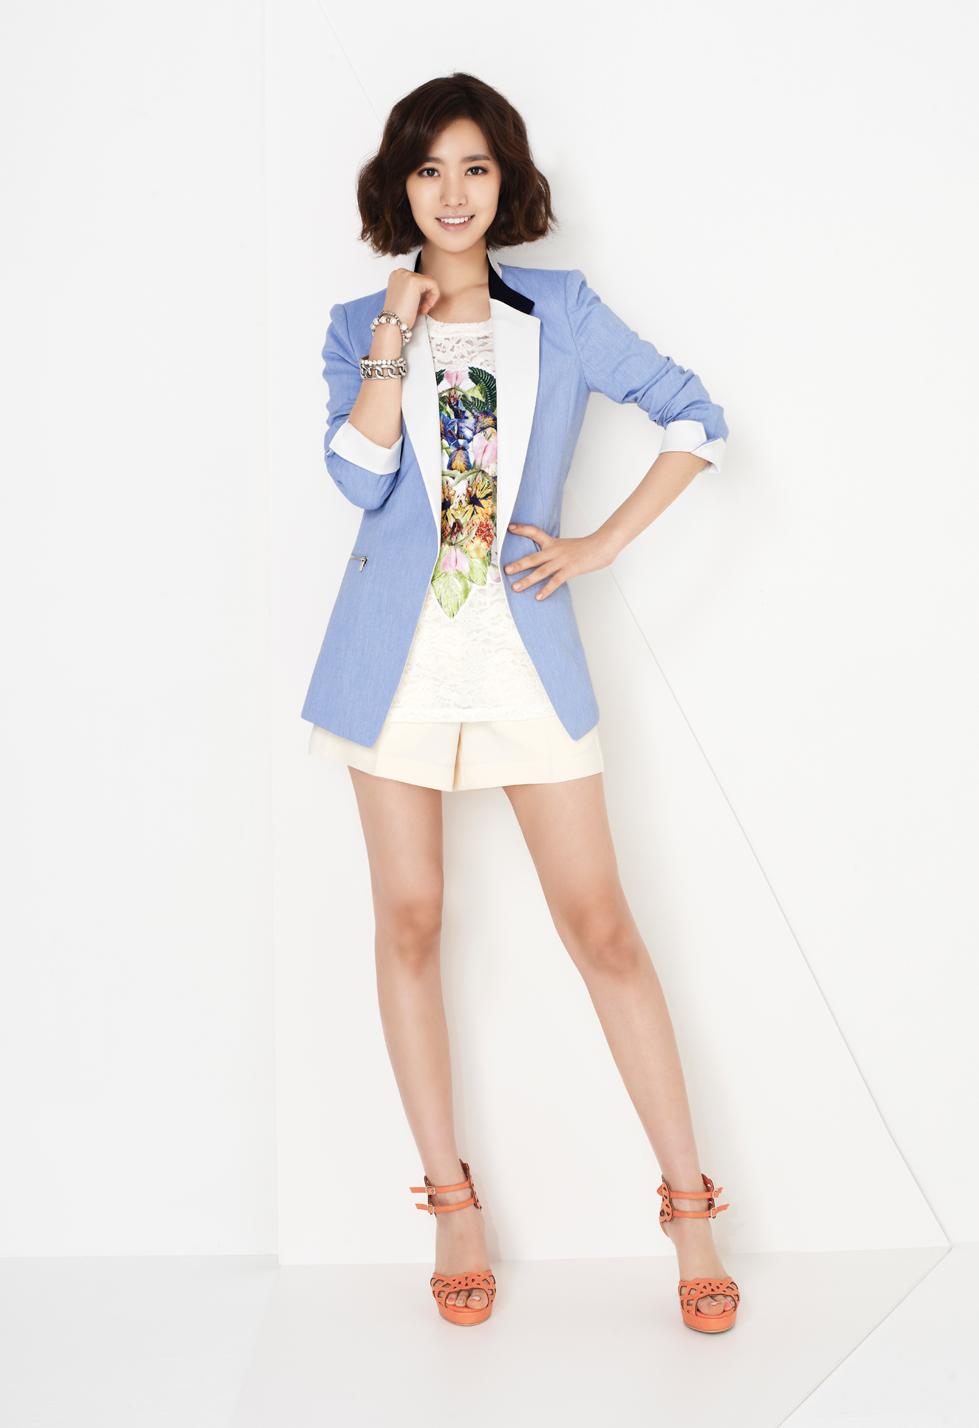 ropa juvenil coreana verano imagui